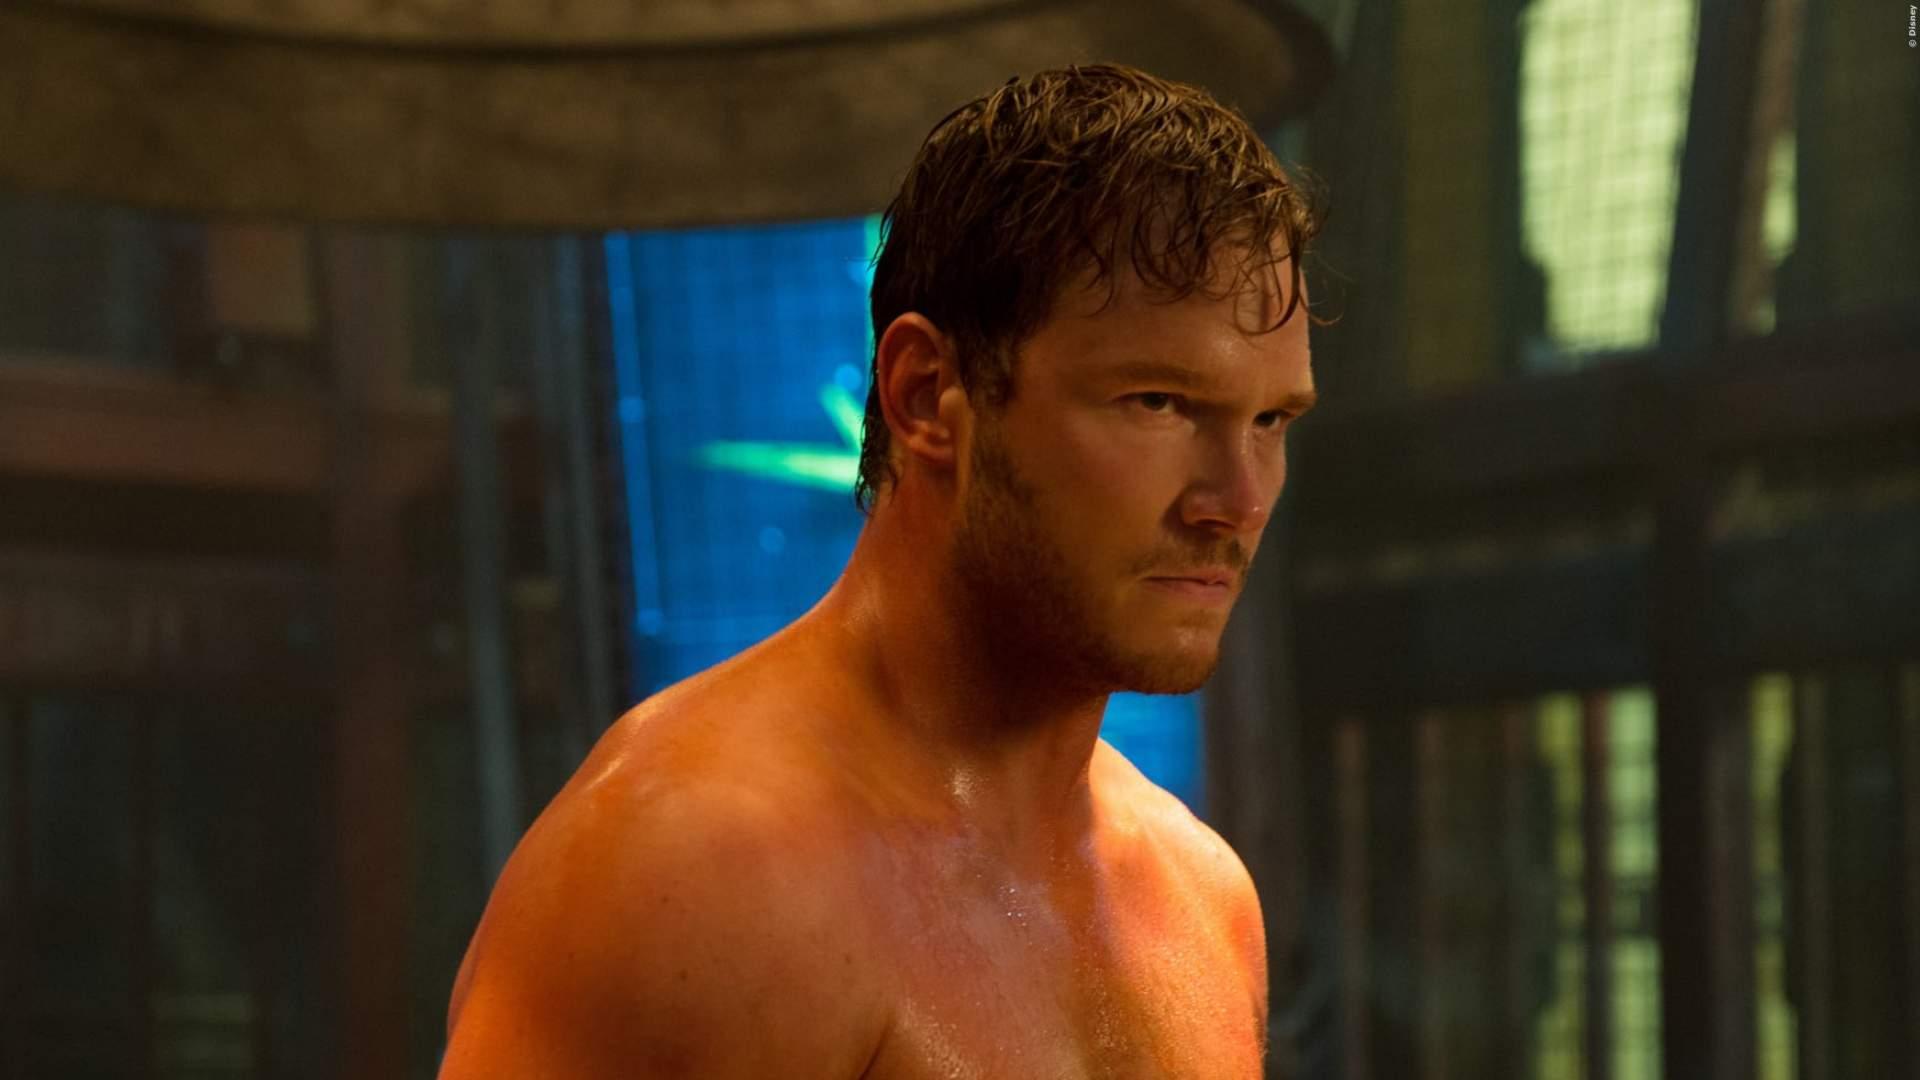 ENDE: Wird 'Guardians Of The Galaxy 3' der letzte Film der Marvel-Helden? Klares Statement